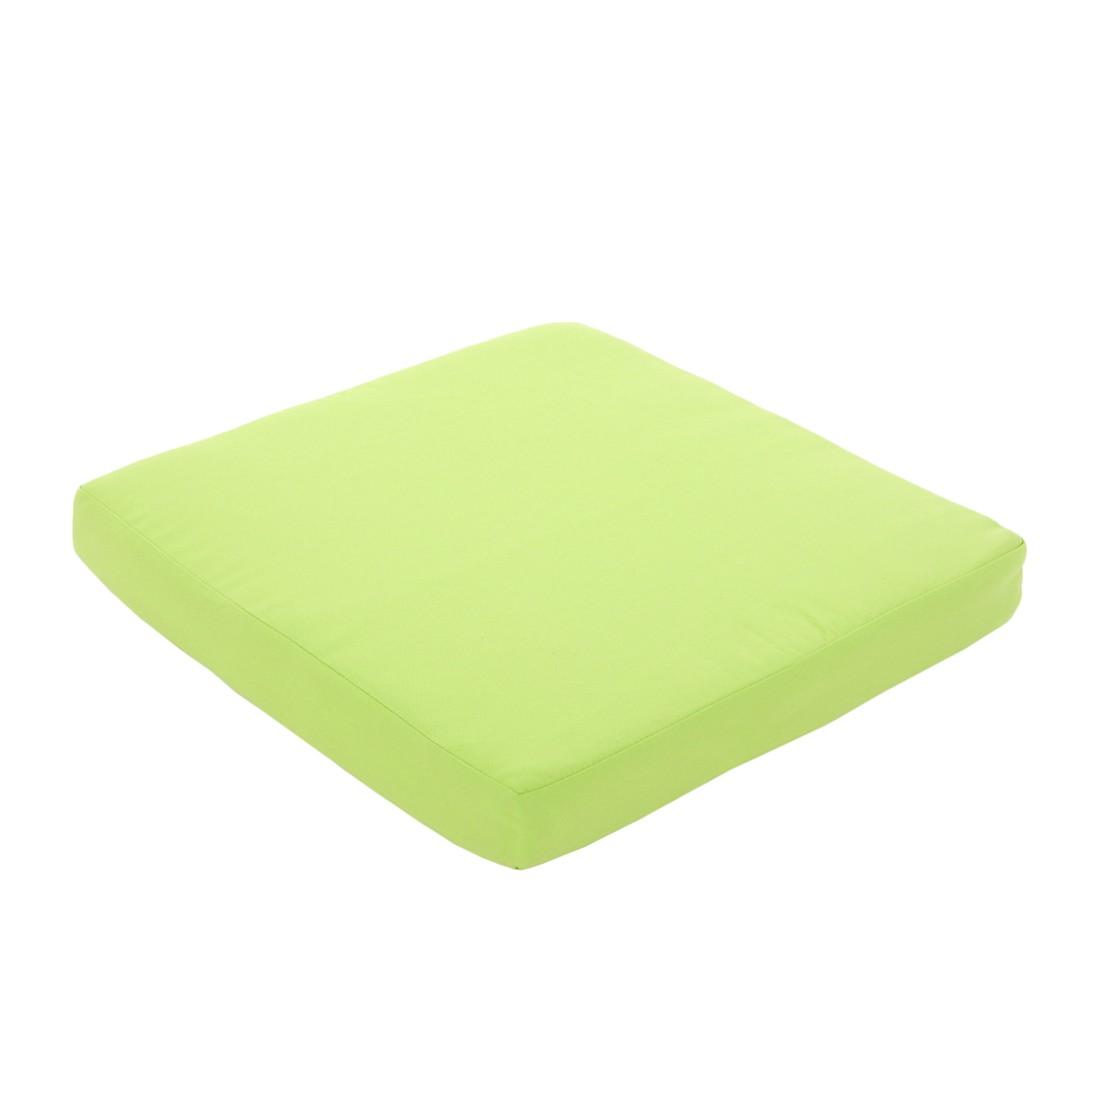 Sofa Sevilla – Poly-Rattan – modulare Gastronomie-Qualität – Hellgrün – Sitzkissen, Mendler kaufen